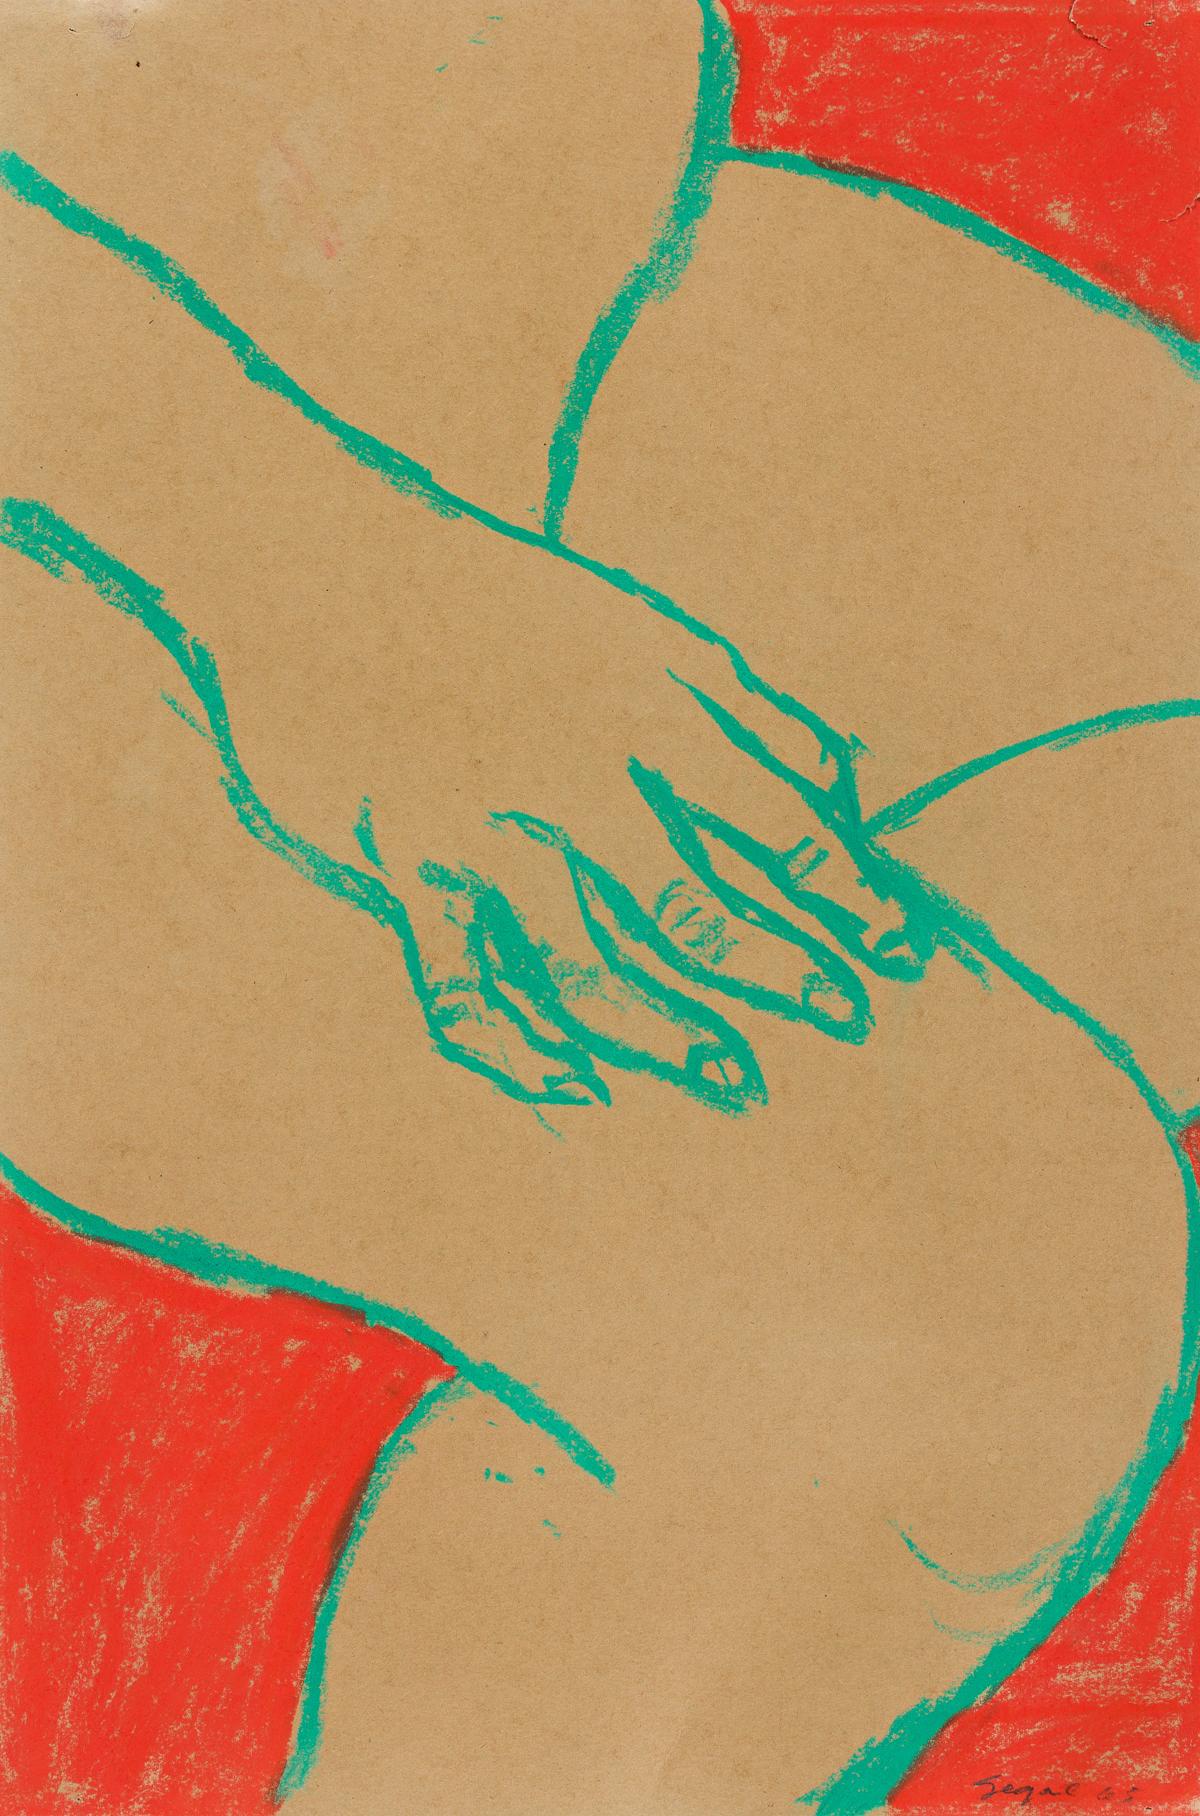 GEORGE SEGAL Untitled (Seated Nude).